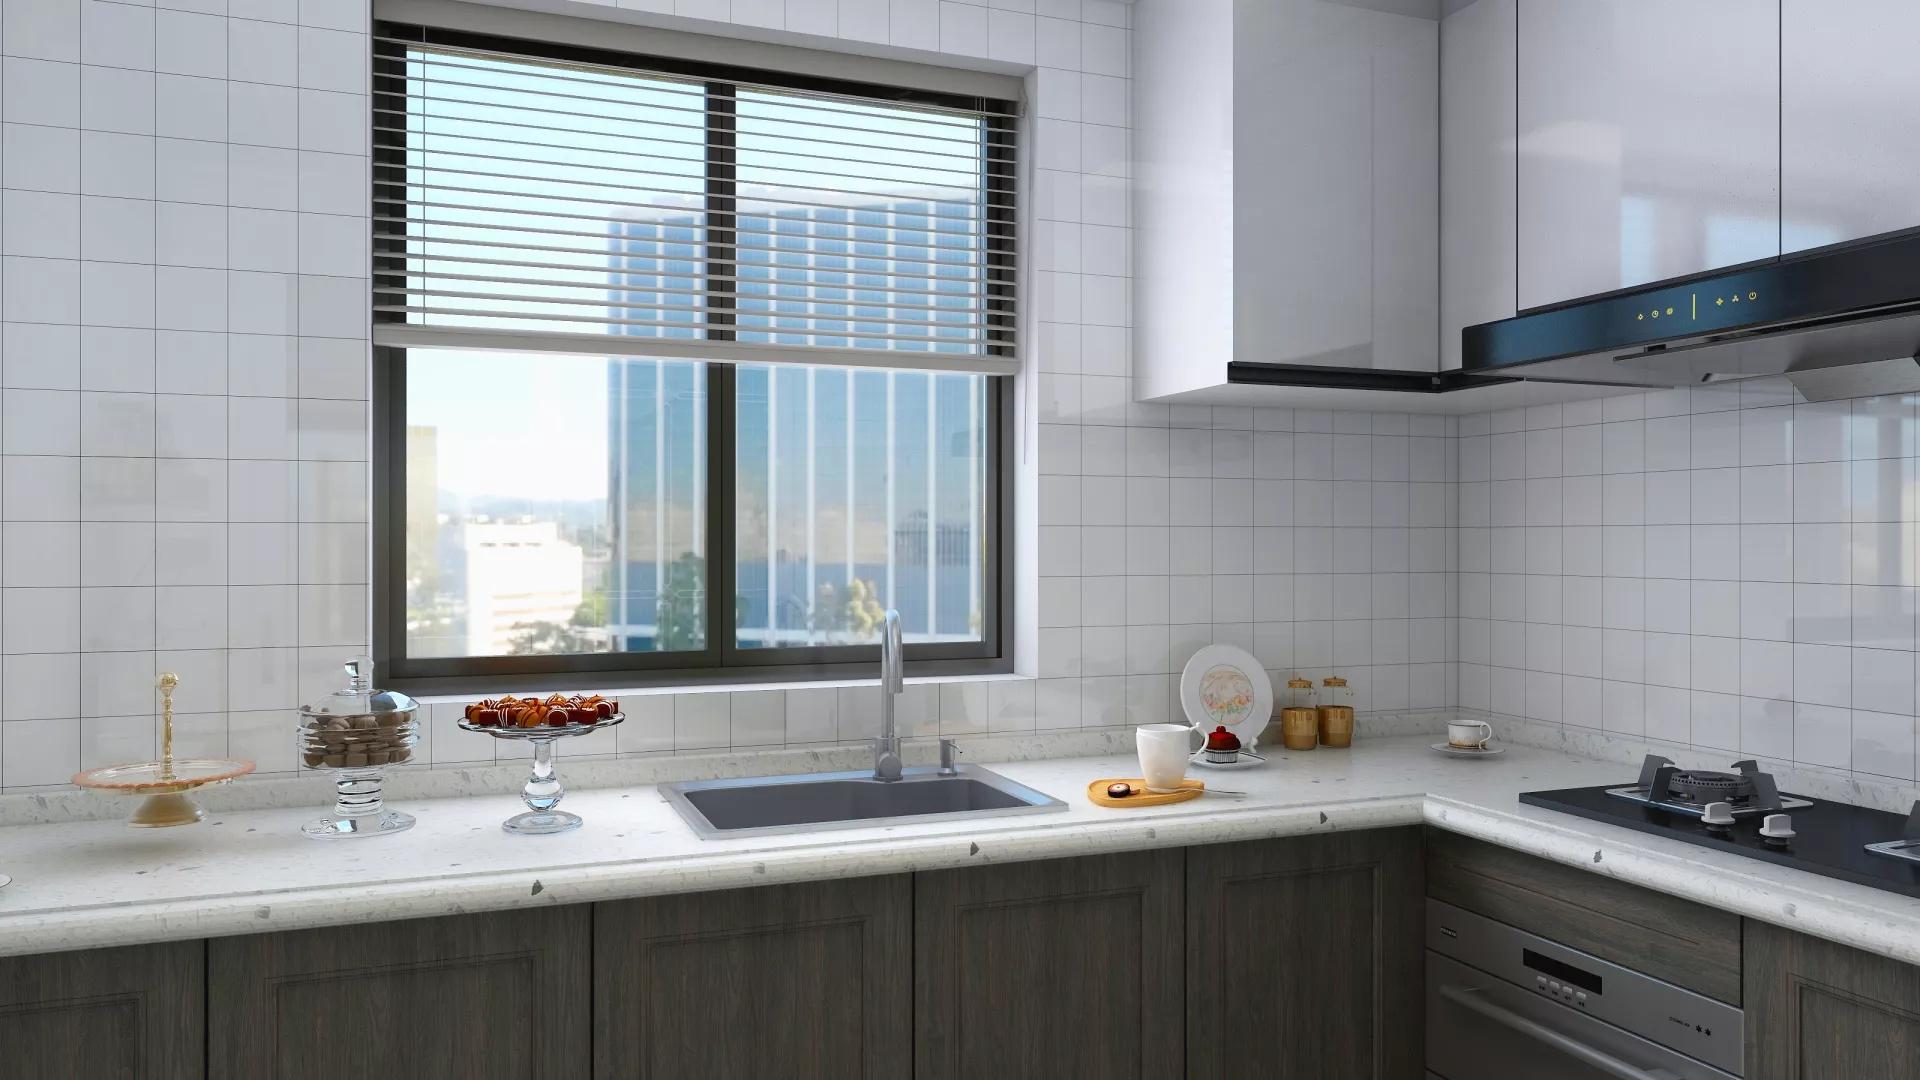 美的洗碗机优点有哪些 美的洗碗机的优点介绍